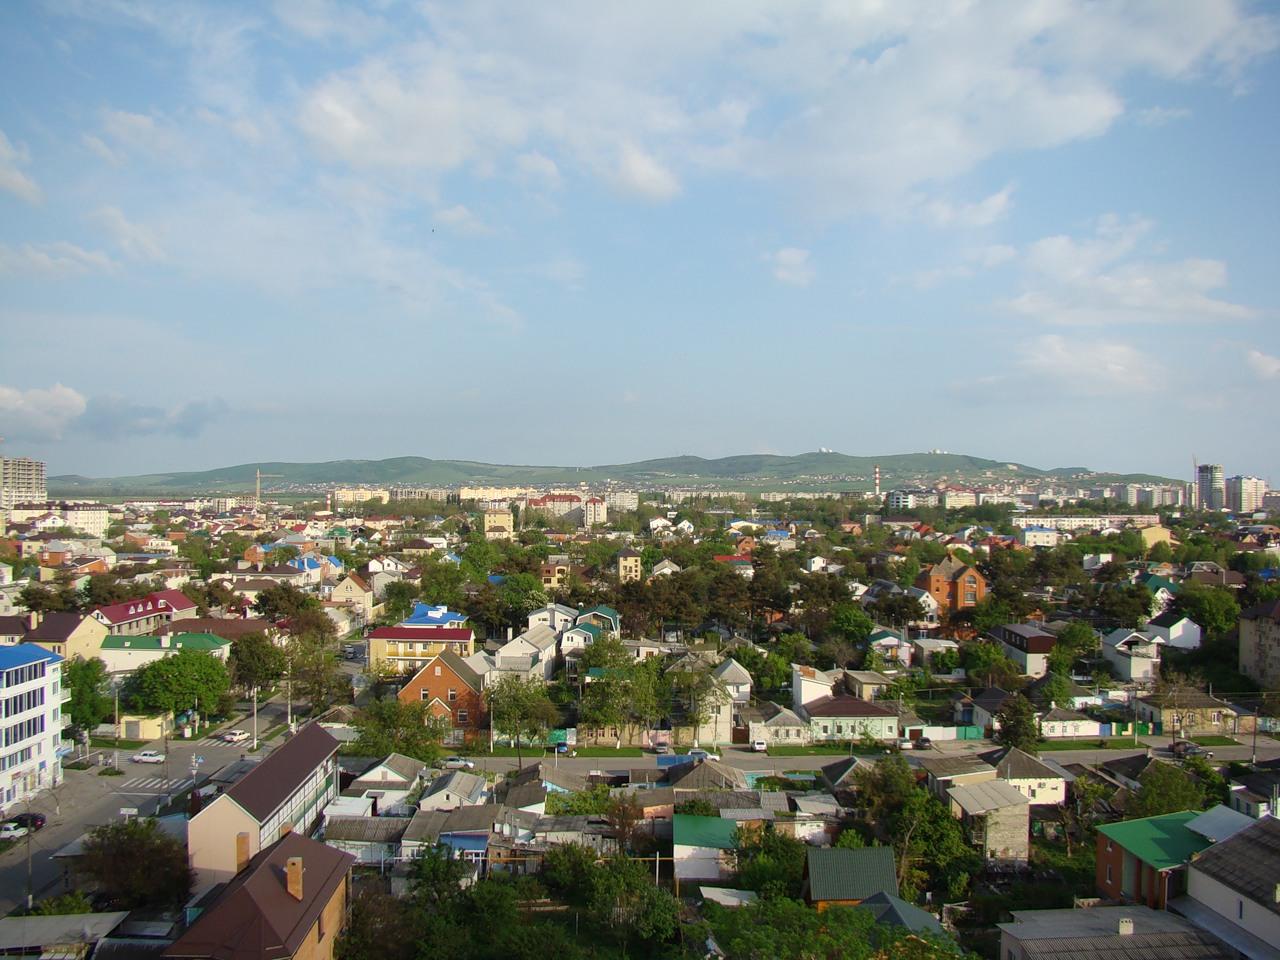 На пмж в анапу отзывы переехавших 2019 работа водитель с опытом словакия